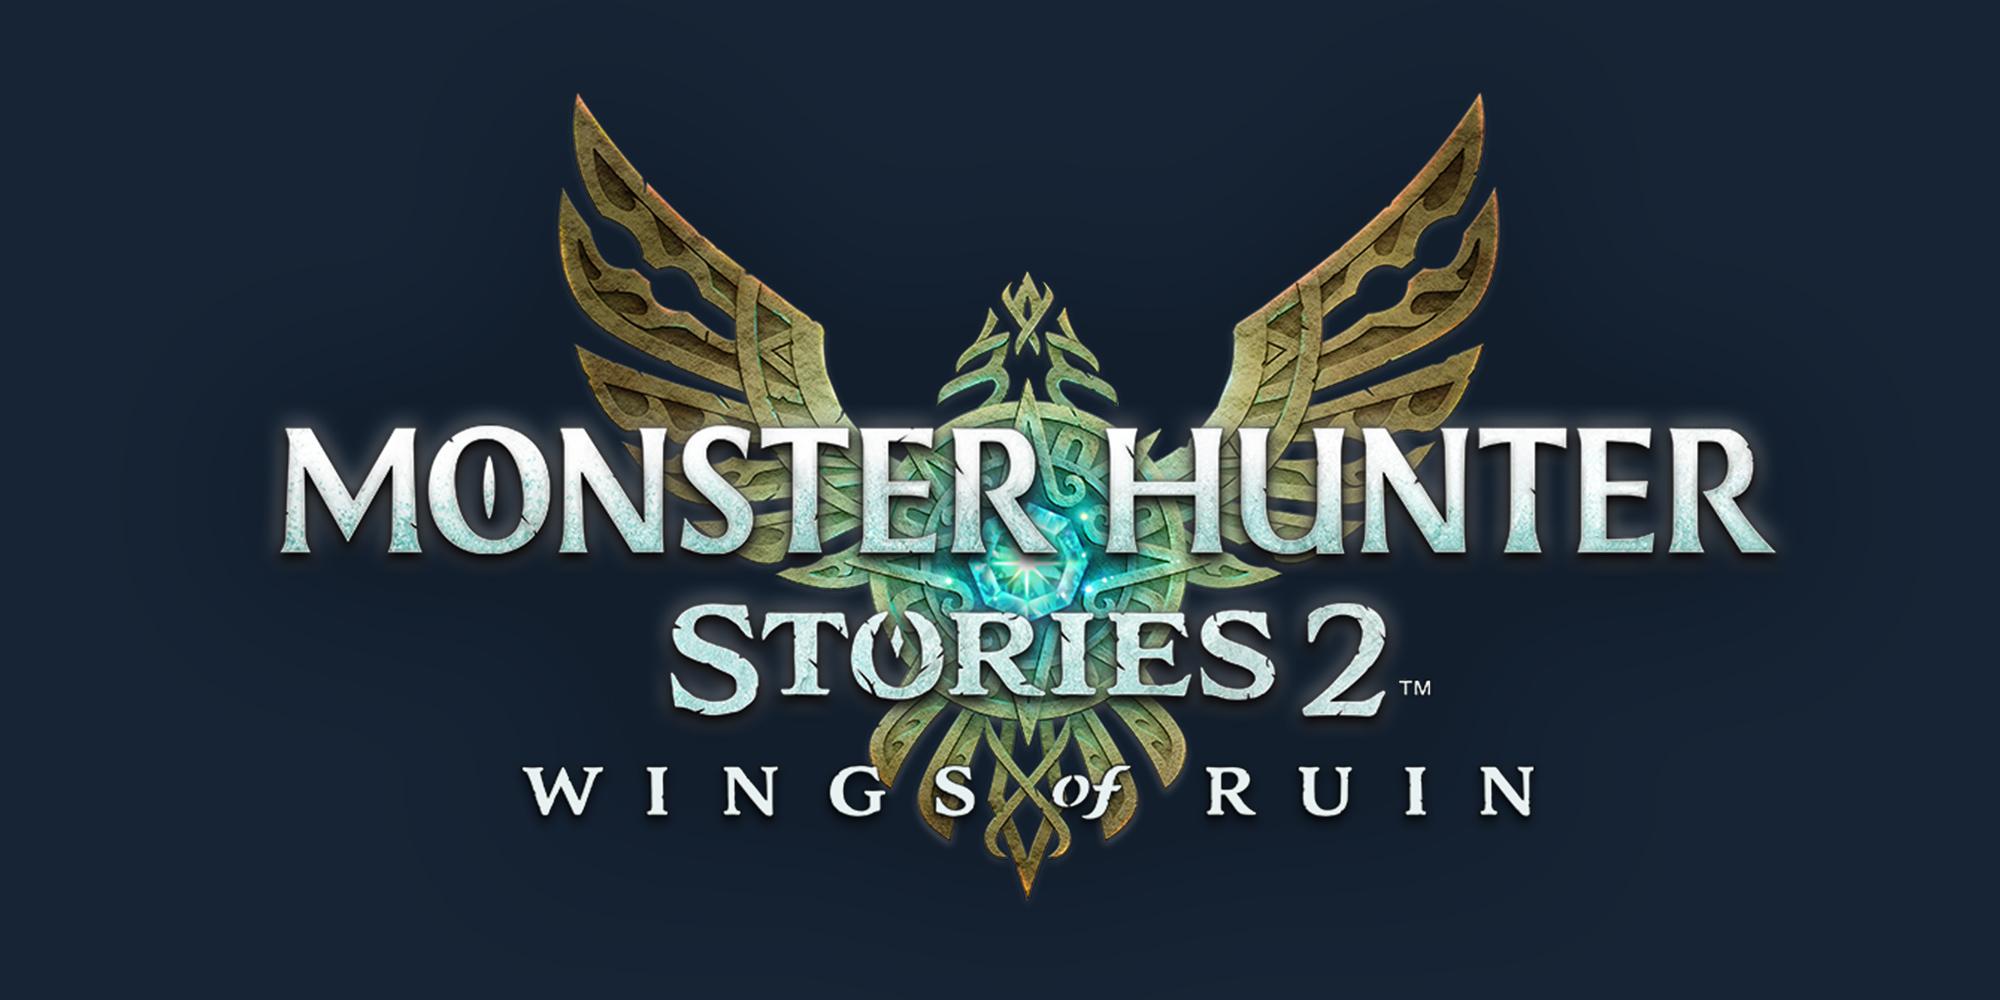 Top ventes jeux video en France Semaine 12 : les monstres